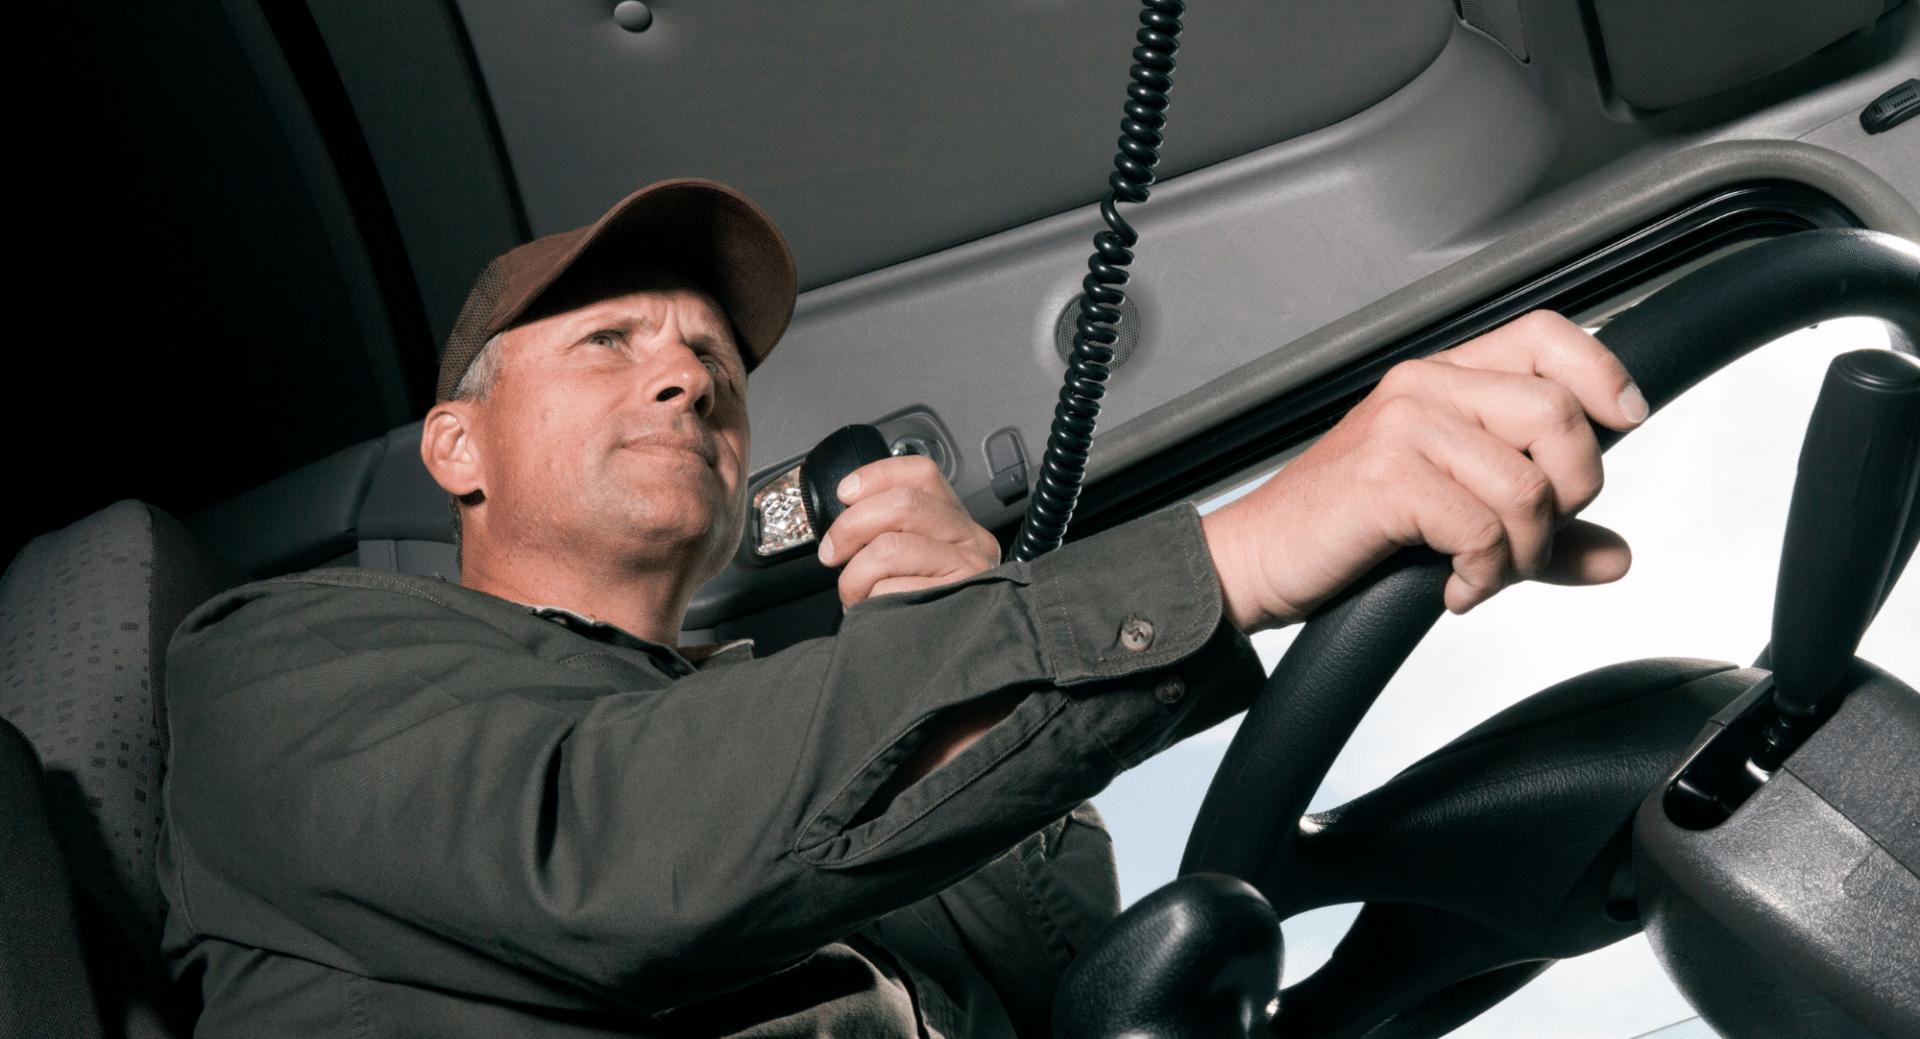 camionero usando gorro trucker